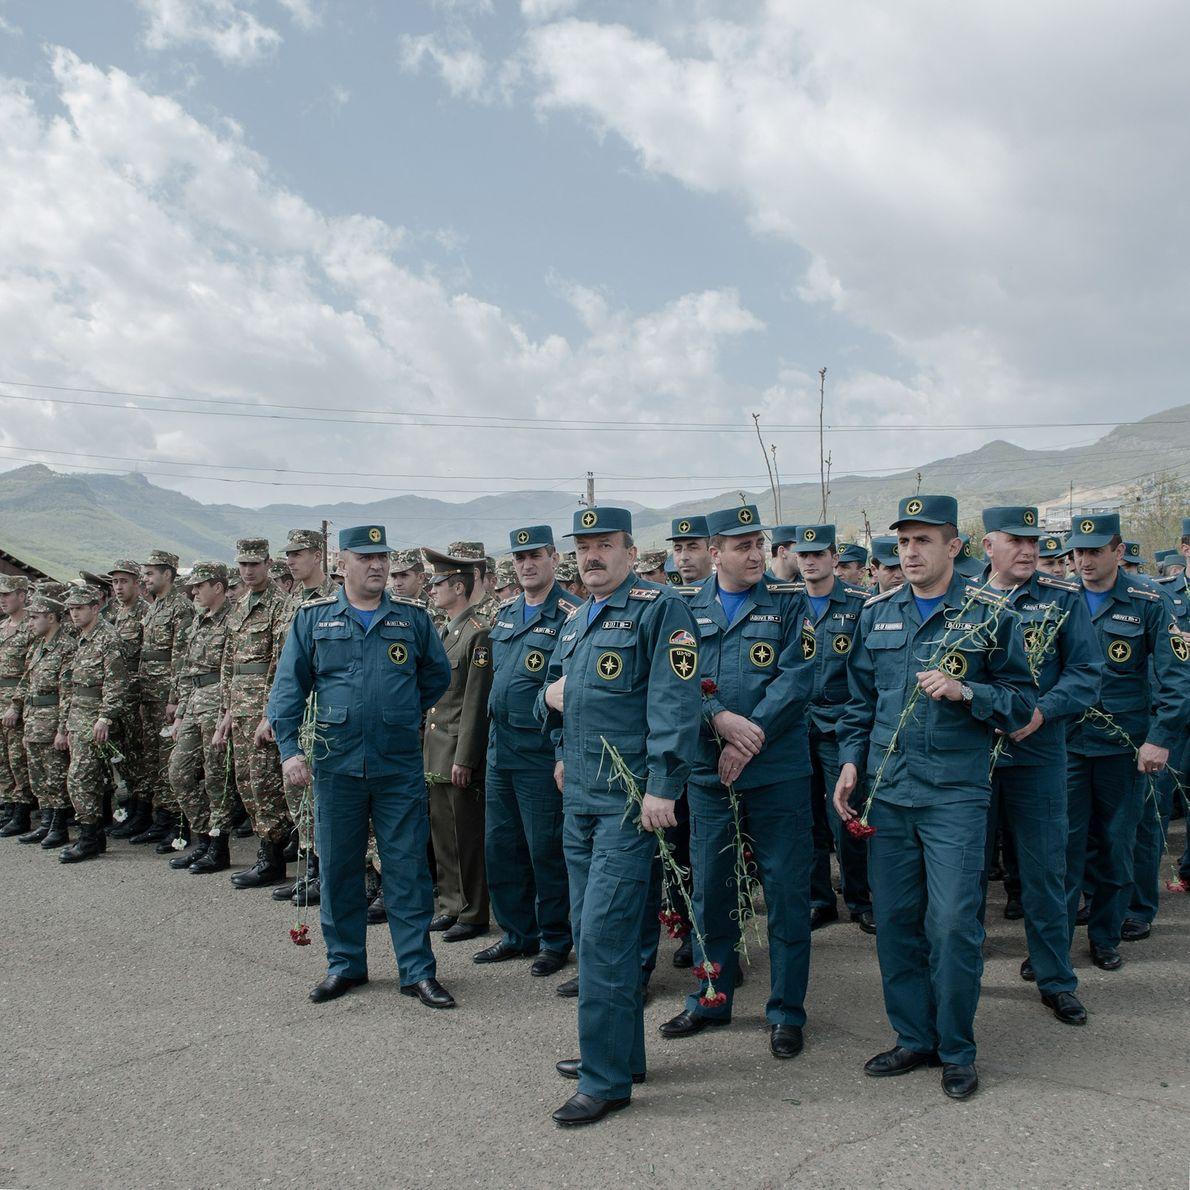 Parade militaire à Stepanakert où les vétérans et les jeunes soldats marchent côte à côte.